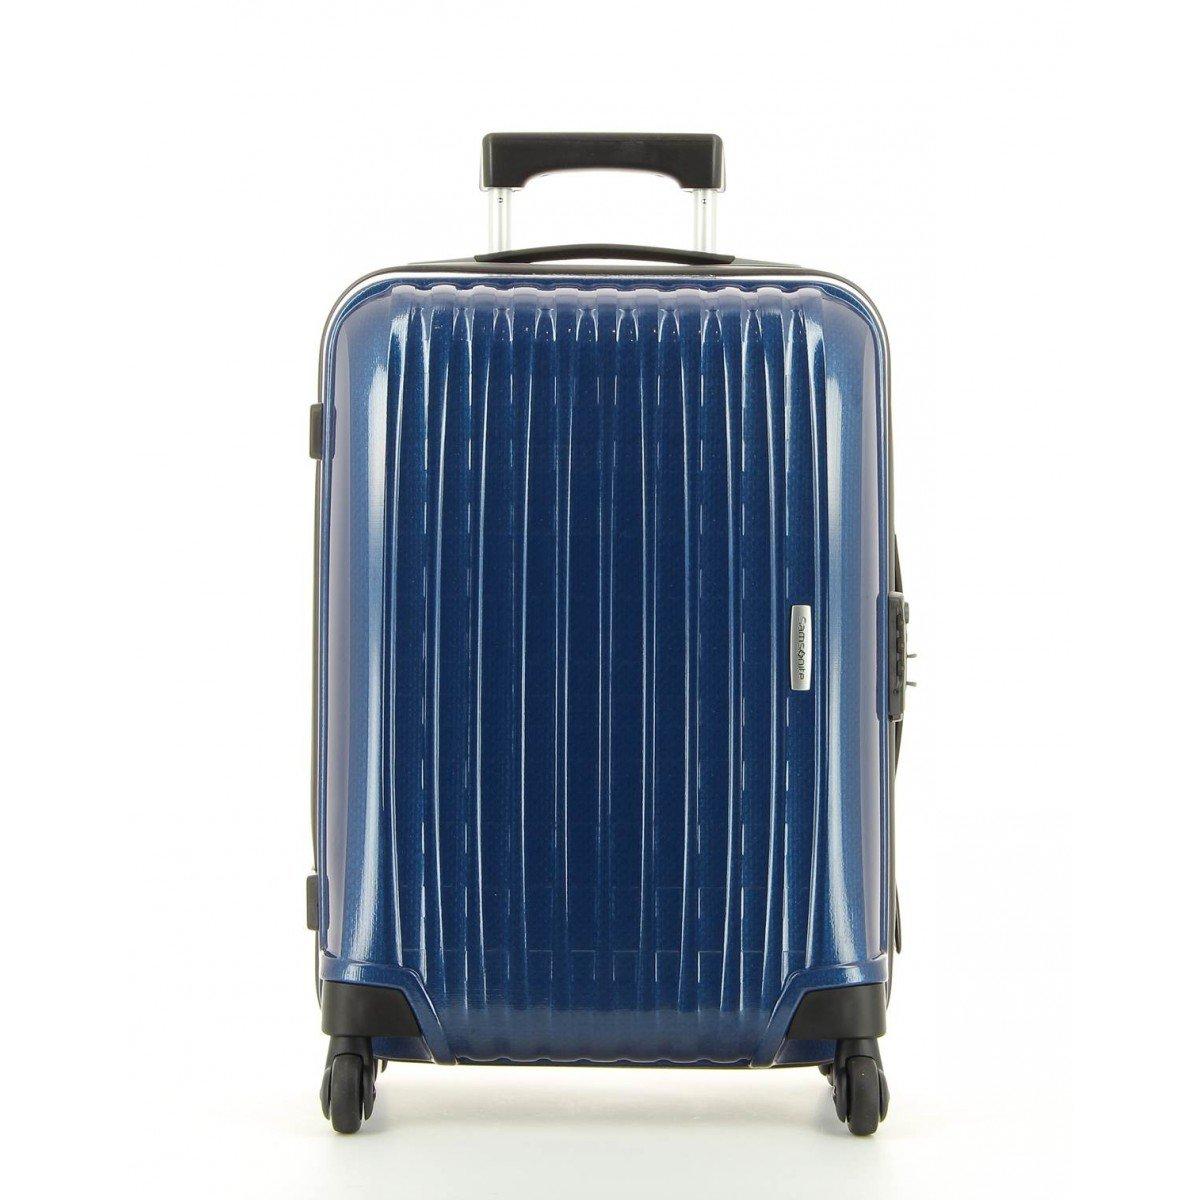 Samsonite Chronolite-Maleta cabina de pasajeros azul 55 cm: Amazon.es: Equipaje